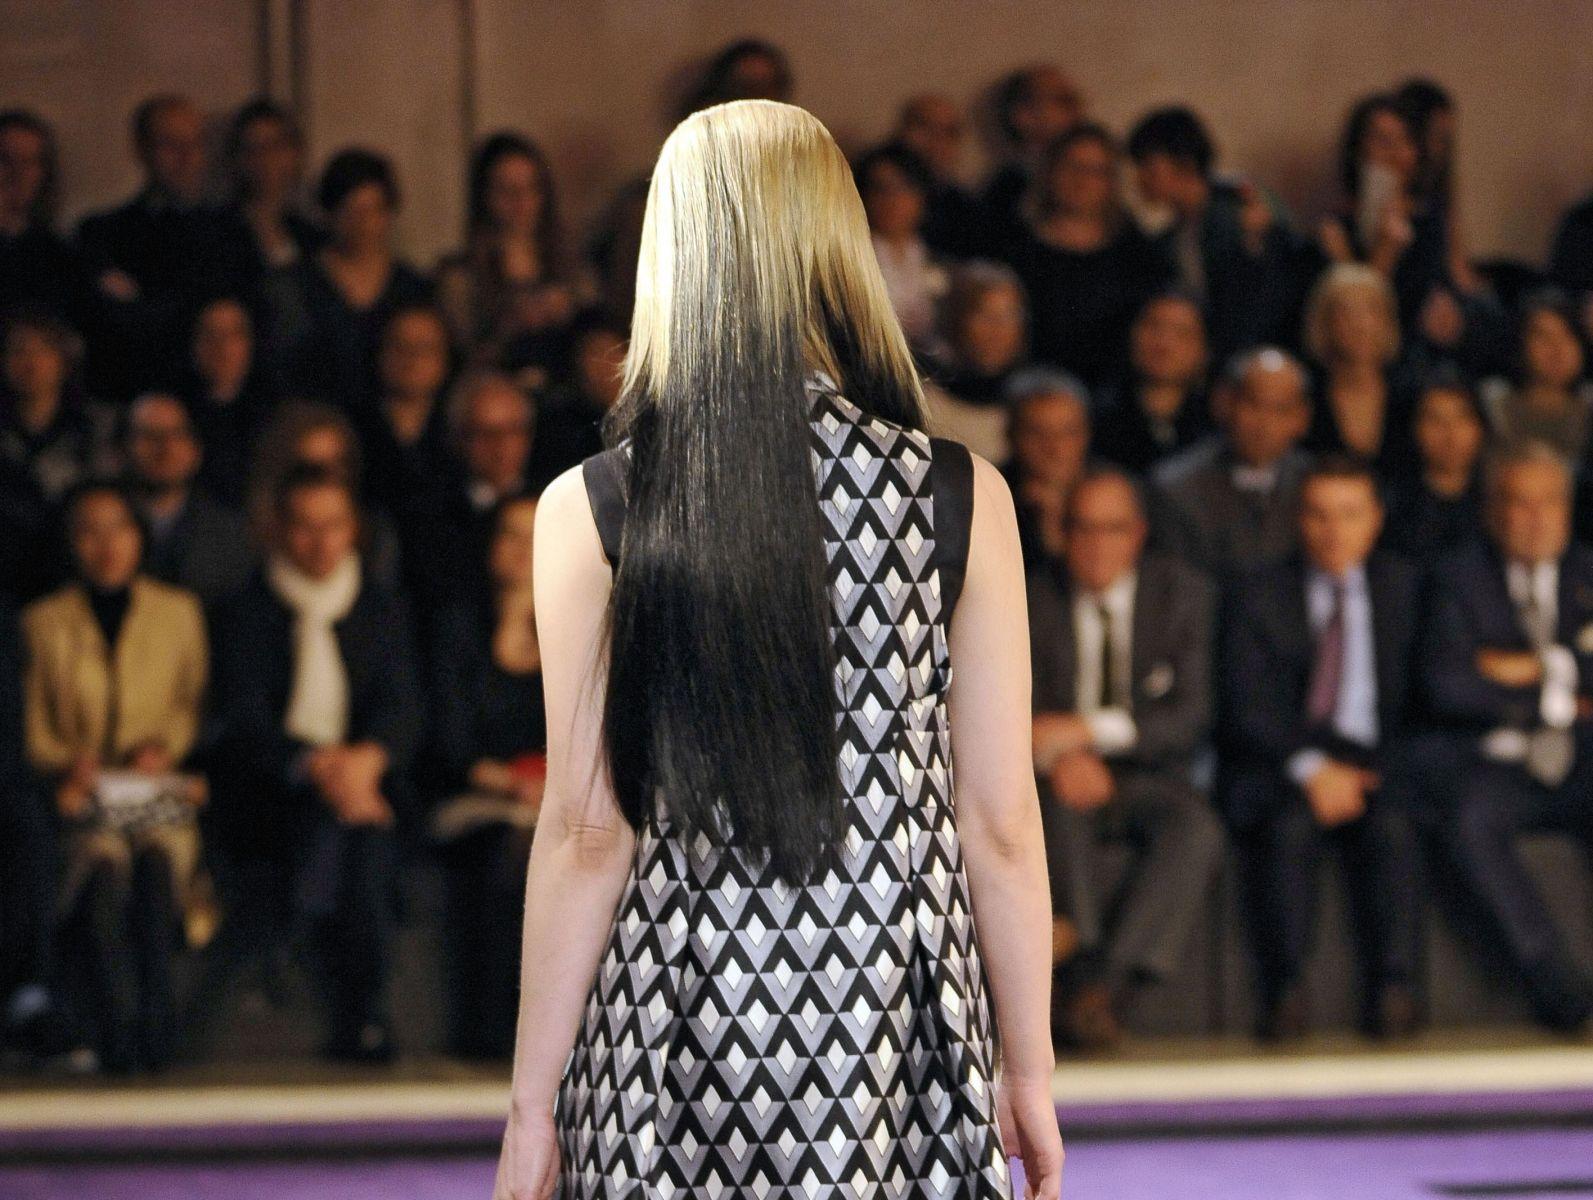 градация модный цвет волос